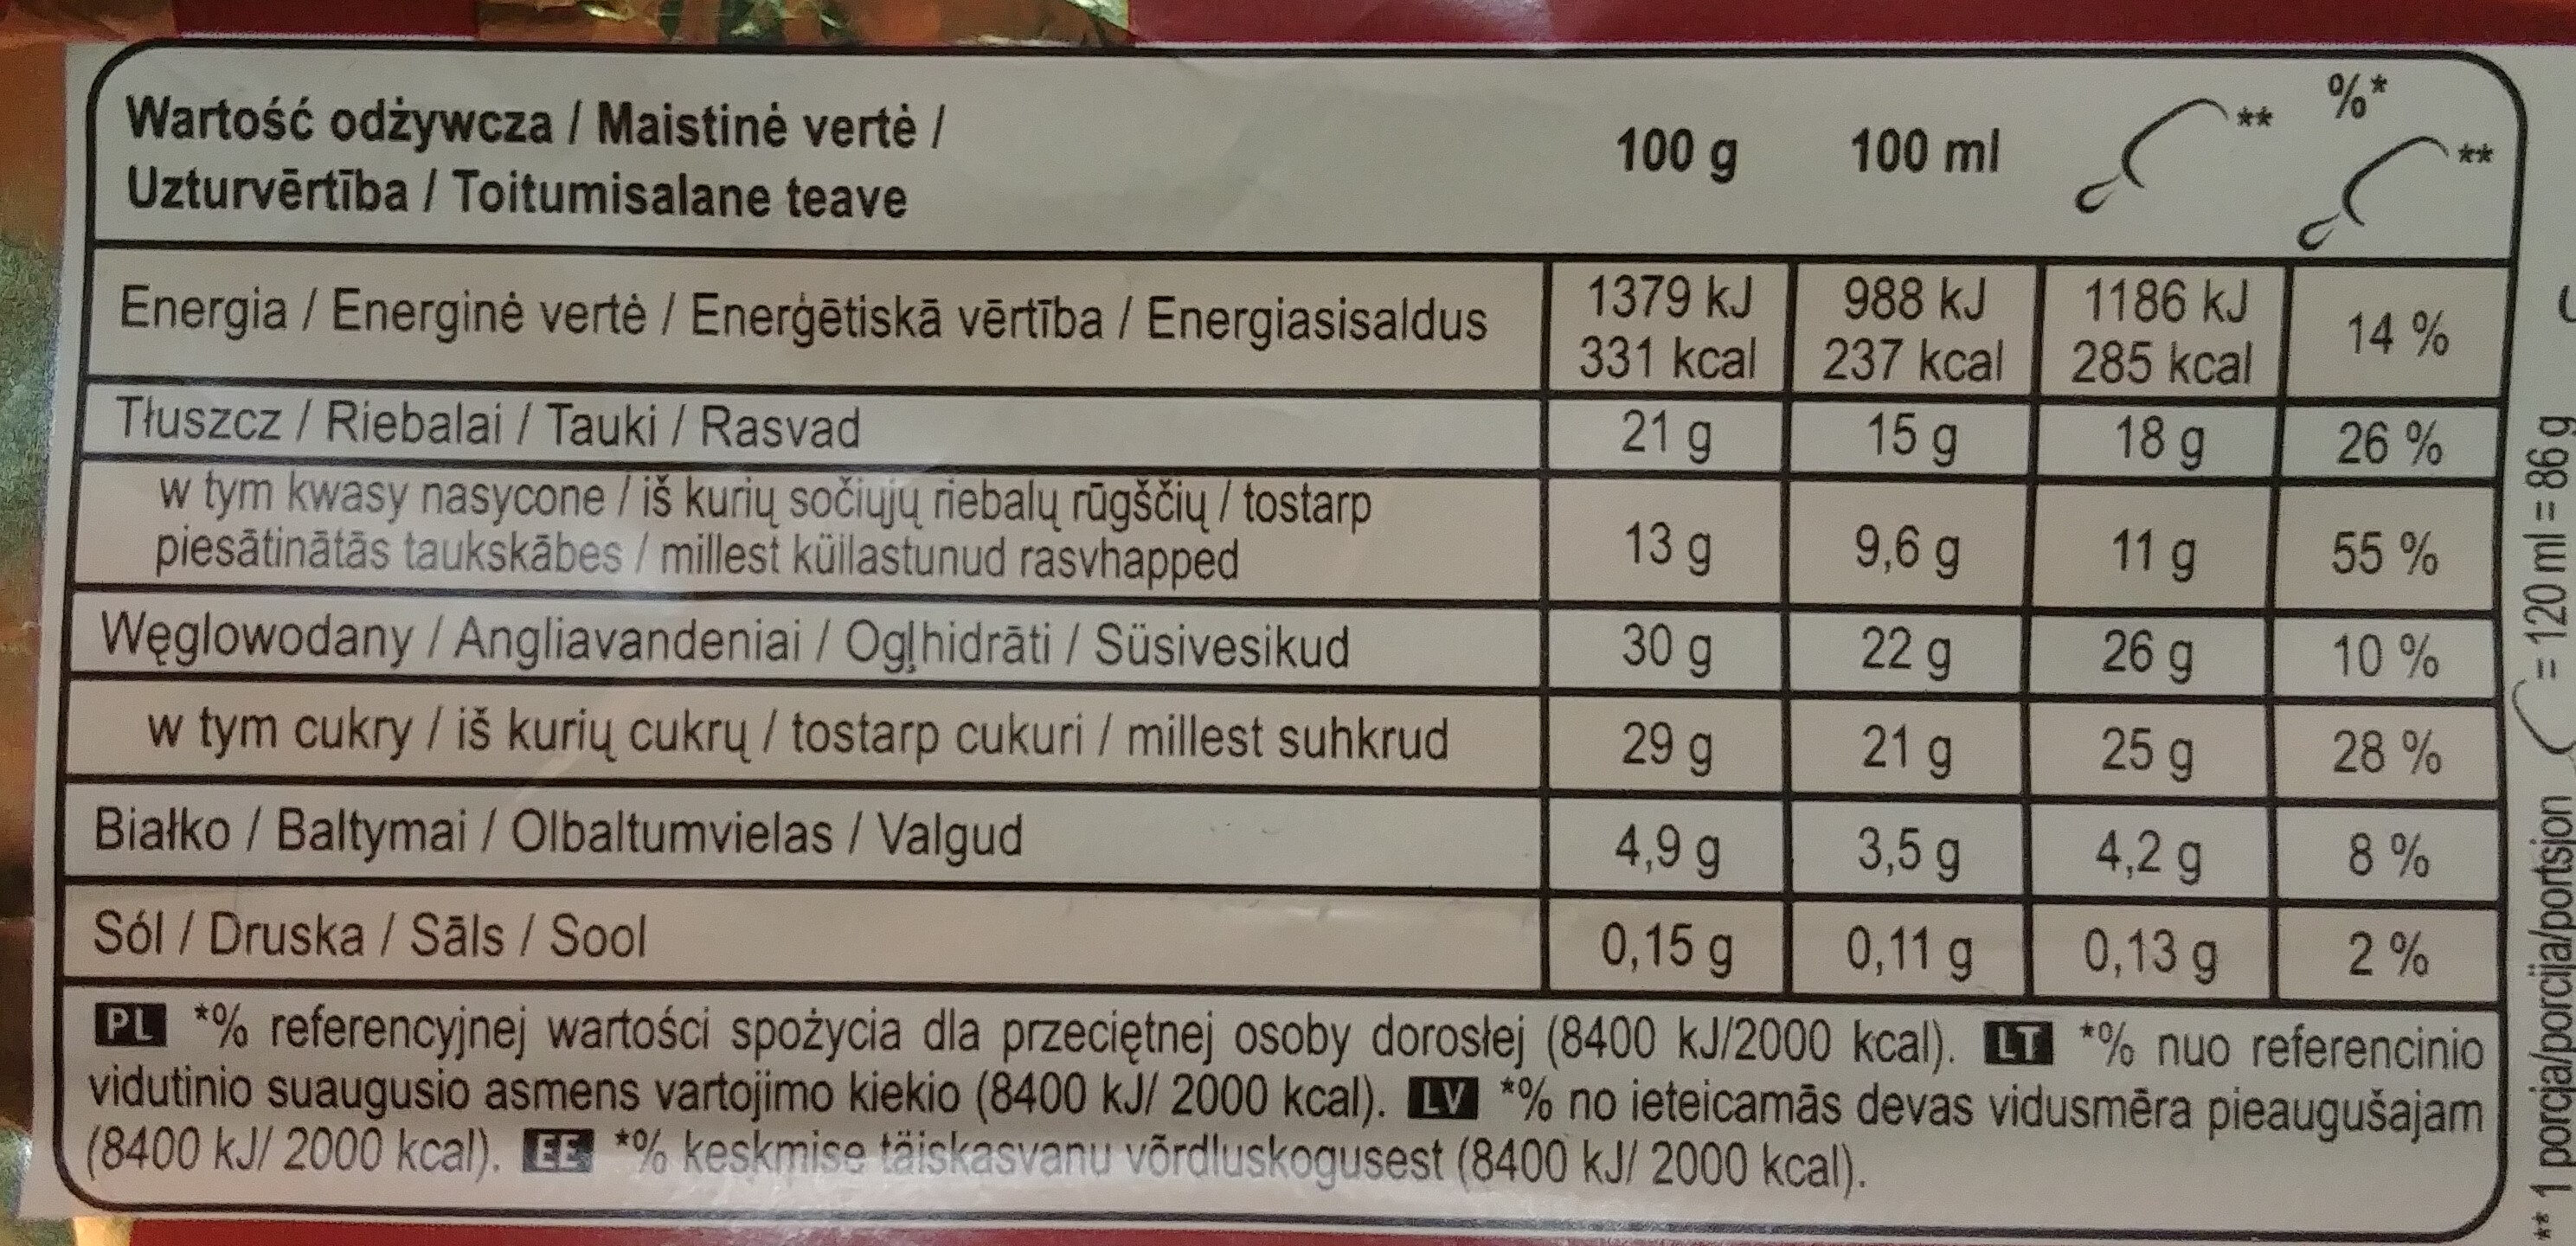 Lody z wanilią z Madagaskaru w polewie z mlecznej czekoladzie 28% i migdałami 5% - Nutrition facts - pl